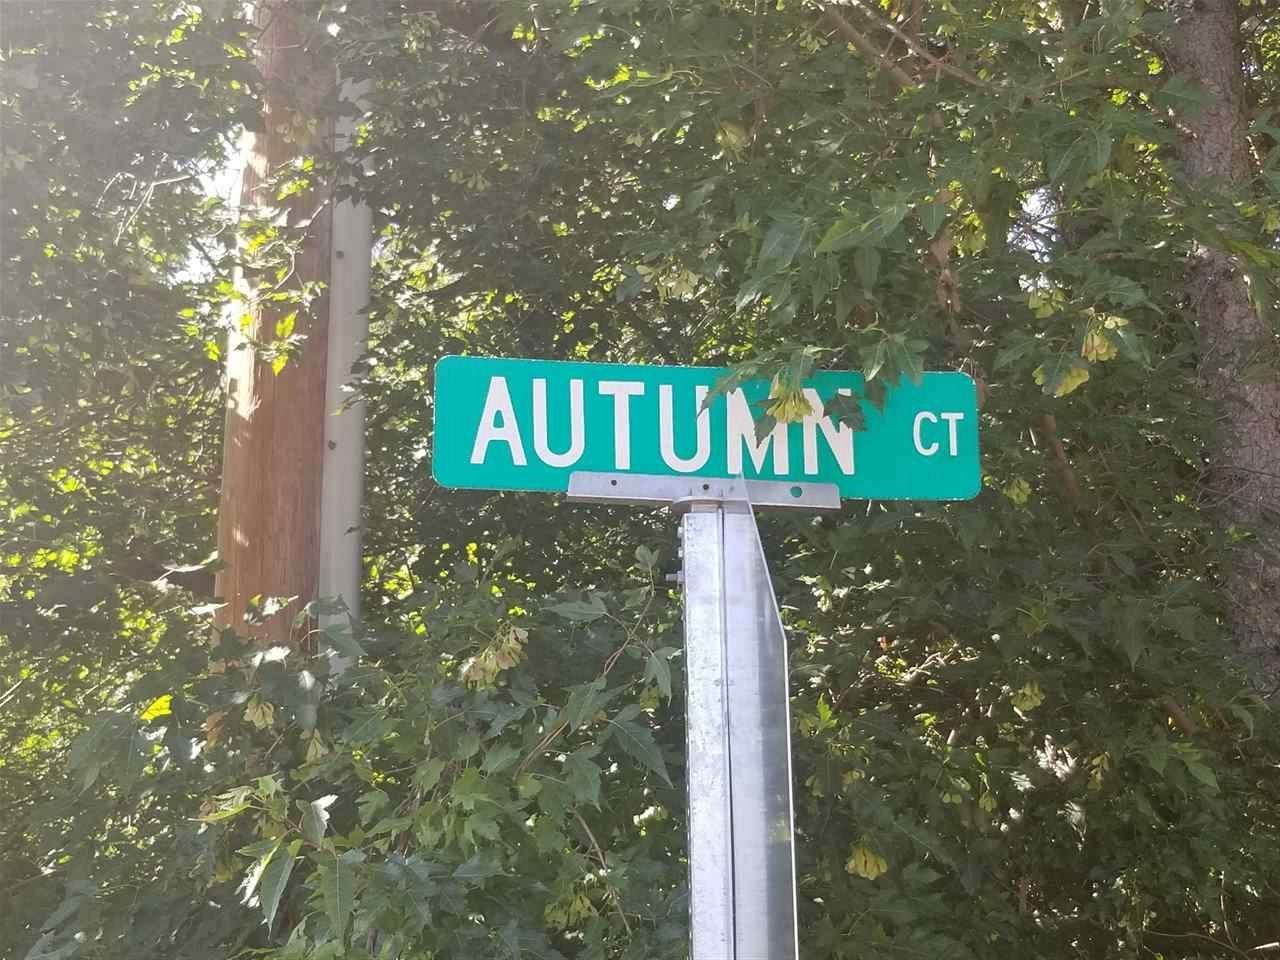 518 Autumn Court - Photo 1